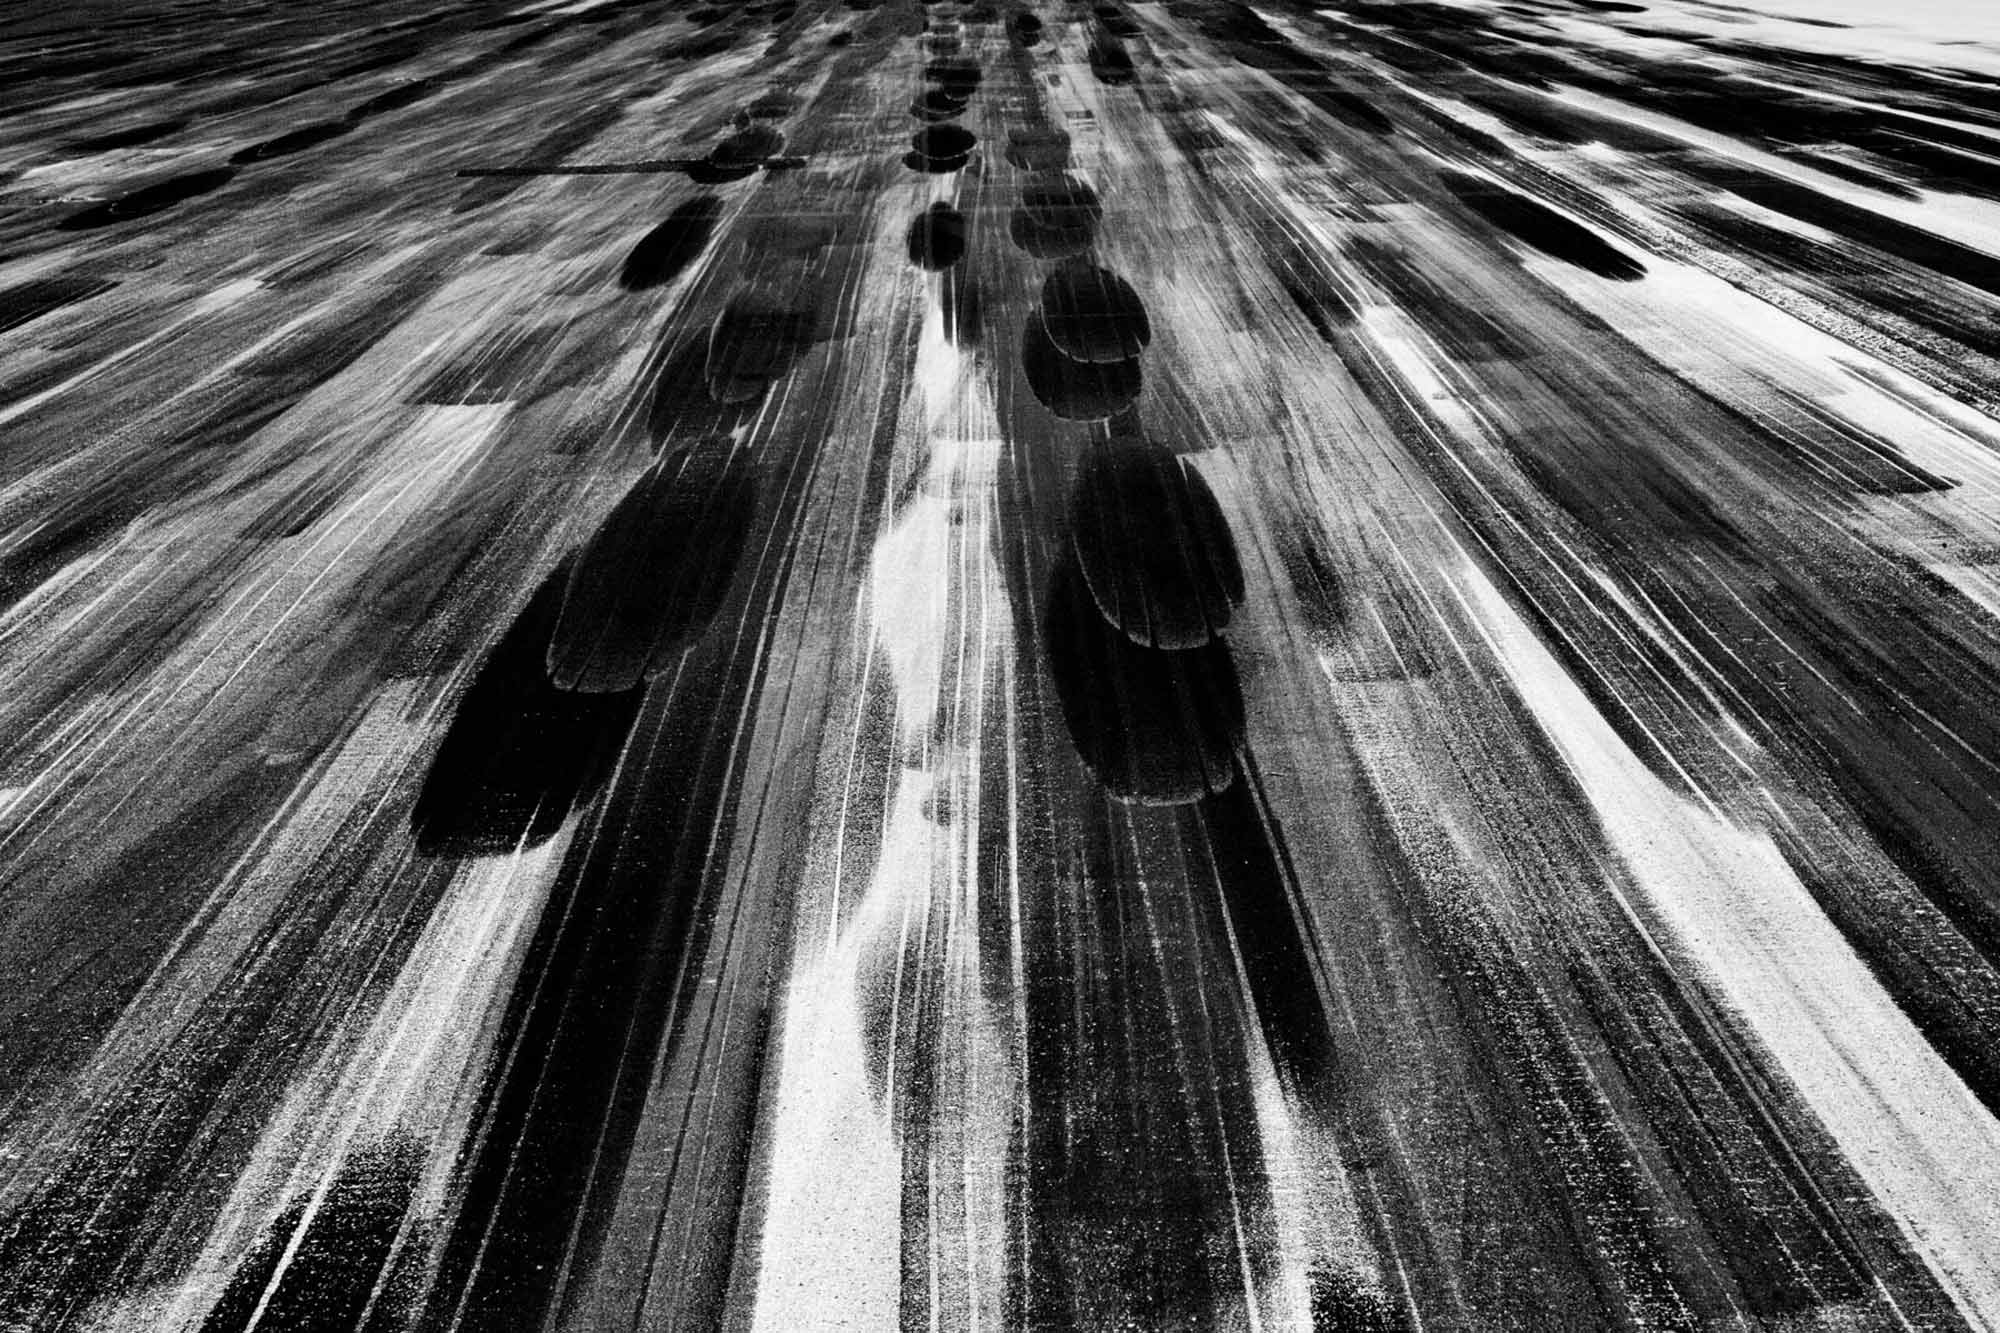 Tarmac France - Yann Arthus-Bertrand